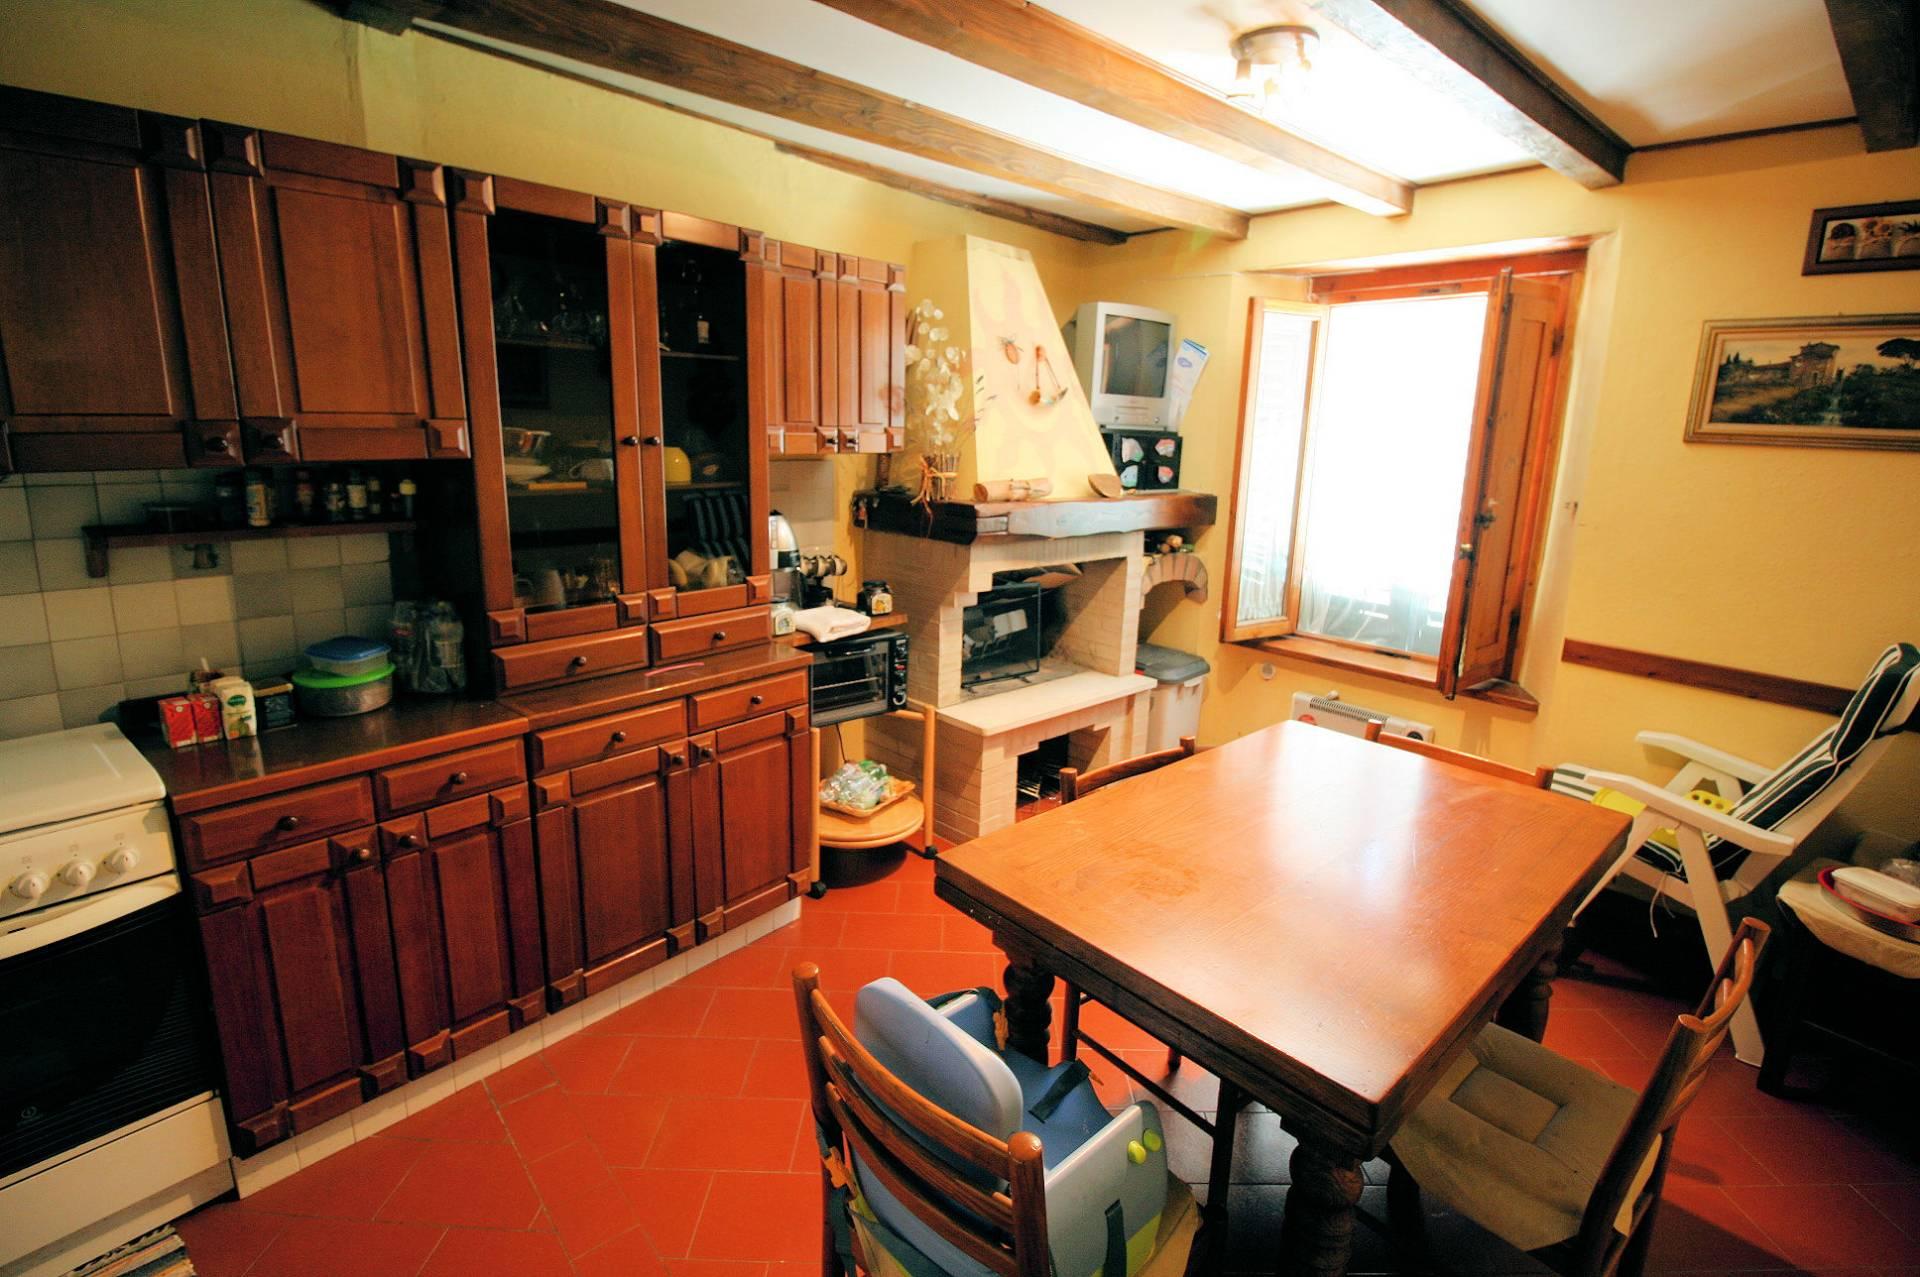 1029-Appartamento al piano primo con vista panoramica e piccolo giardino-Cutigliano-1 Agenzia Immobiliare ASIP